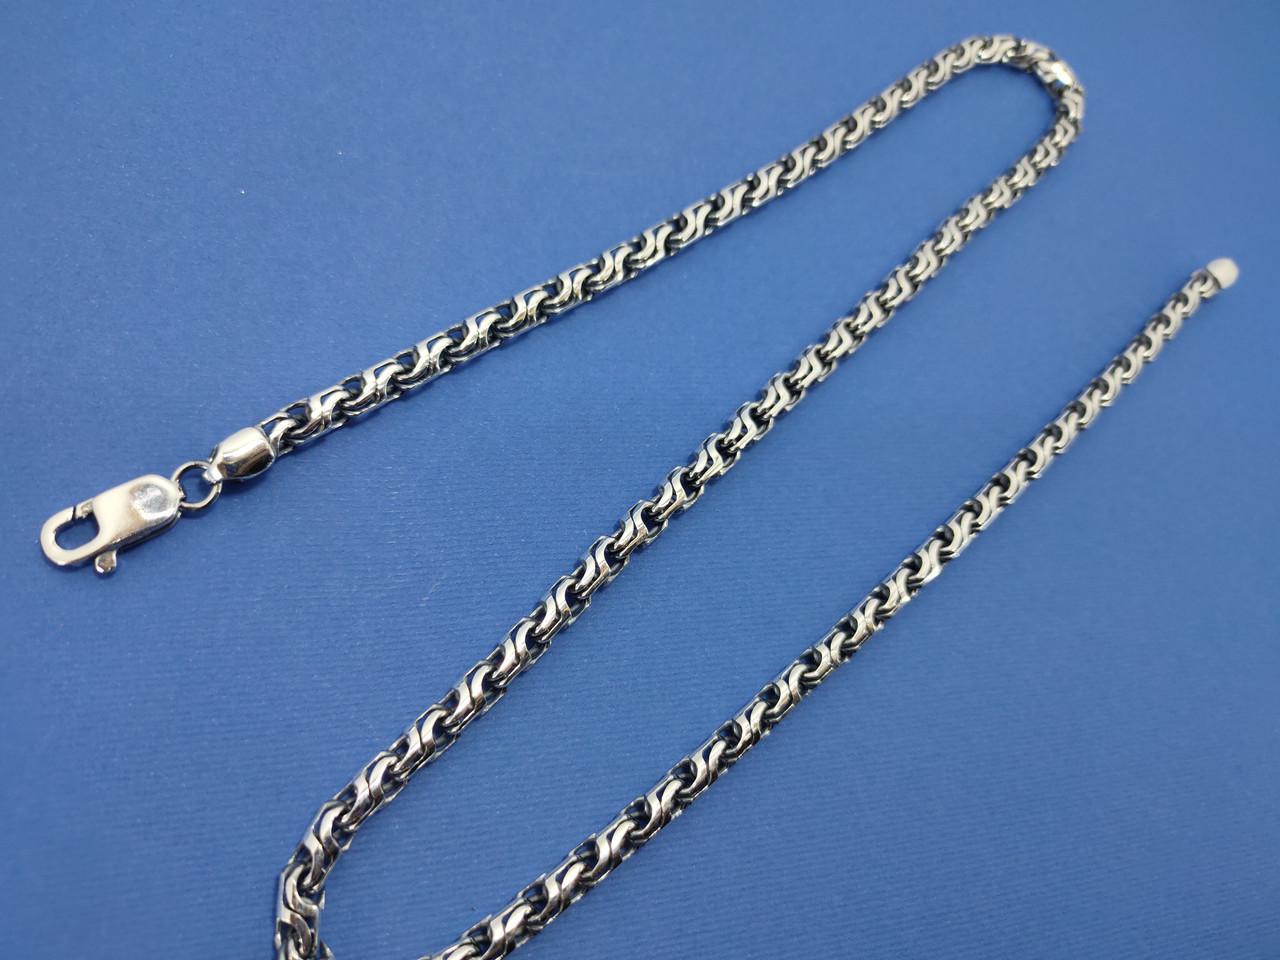 Срібний ланцюжок, 50 см., 35 гр.